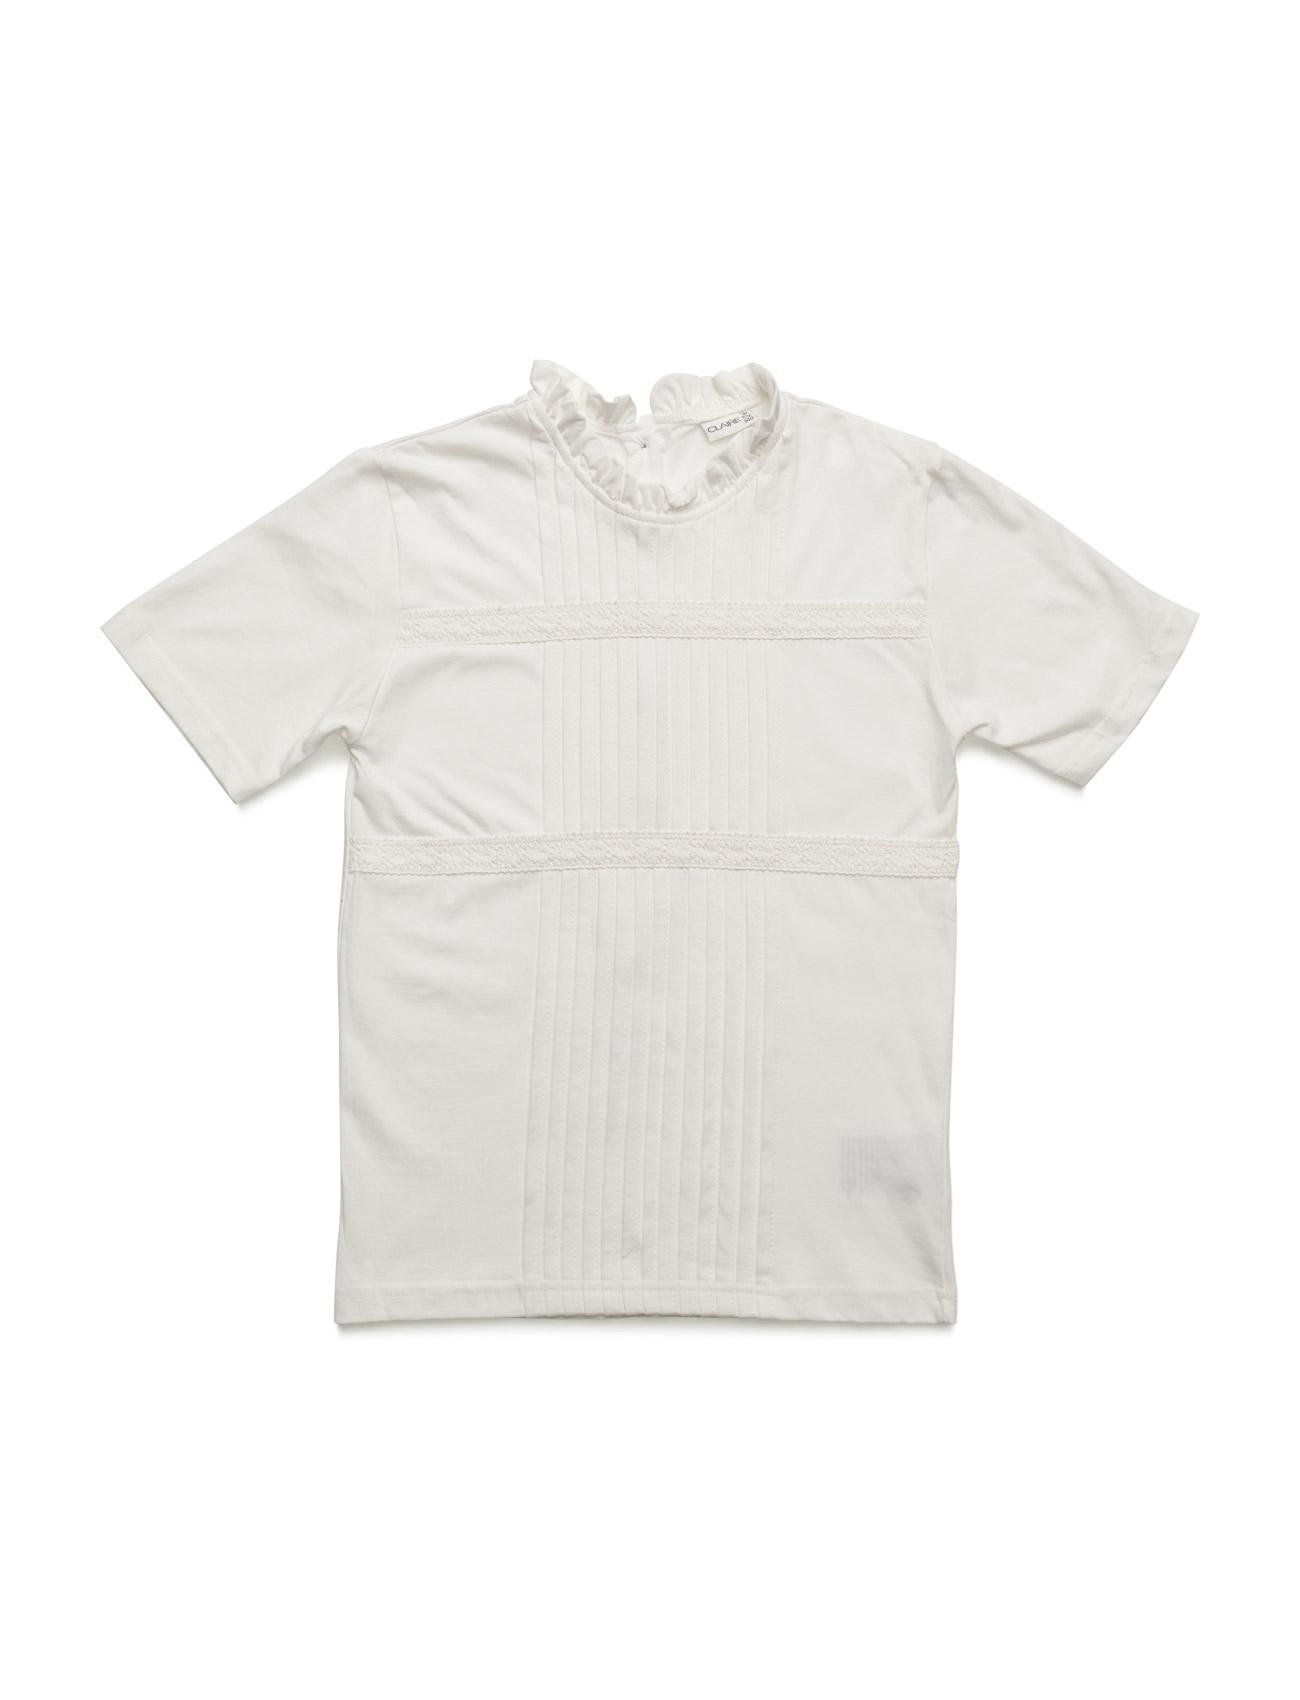 T-Shirt Hust & Claire Kortærmede t-shirts til Børn i Sne hvid